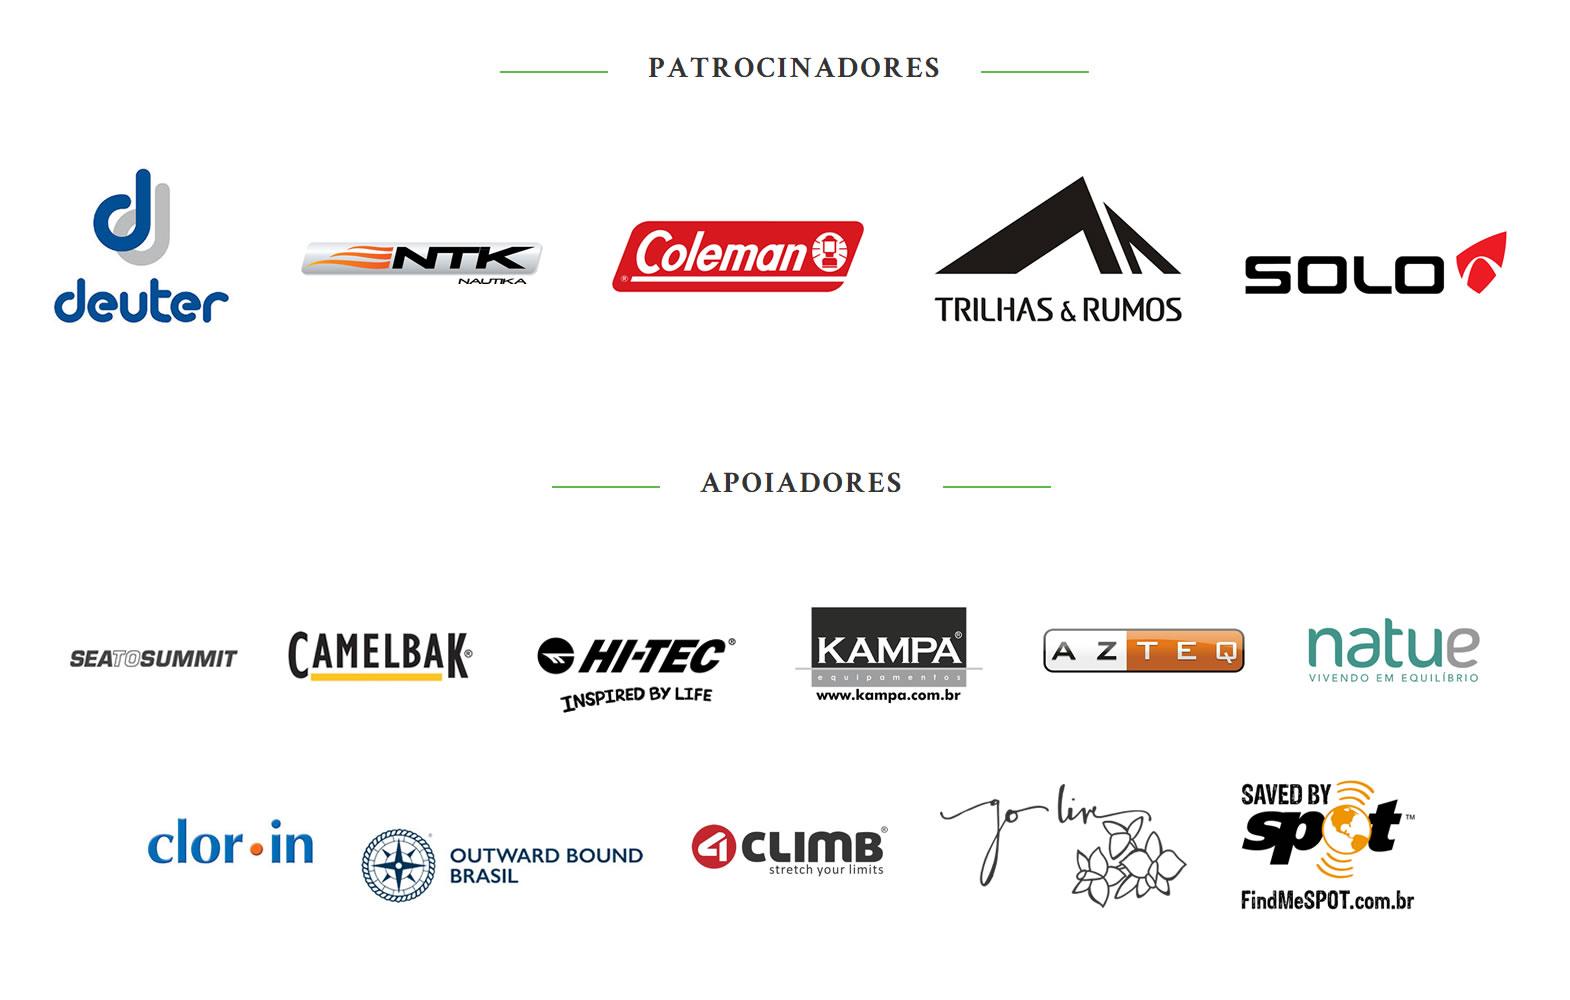 patrocinadores-e-apoiadores2_